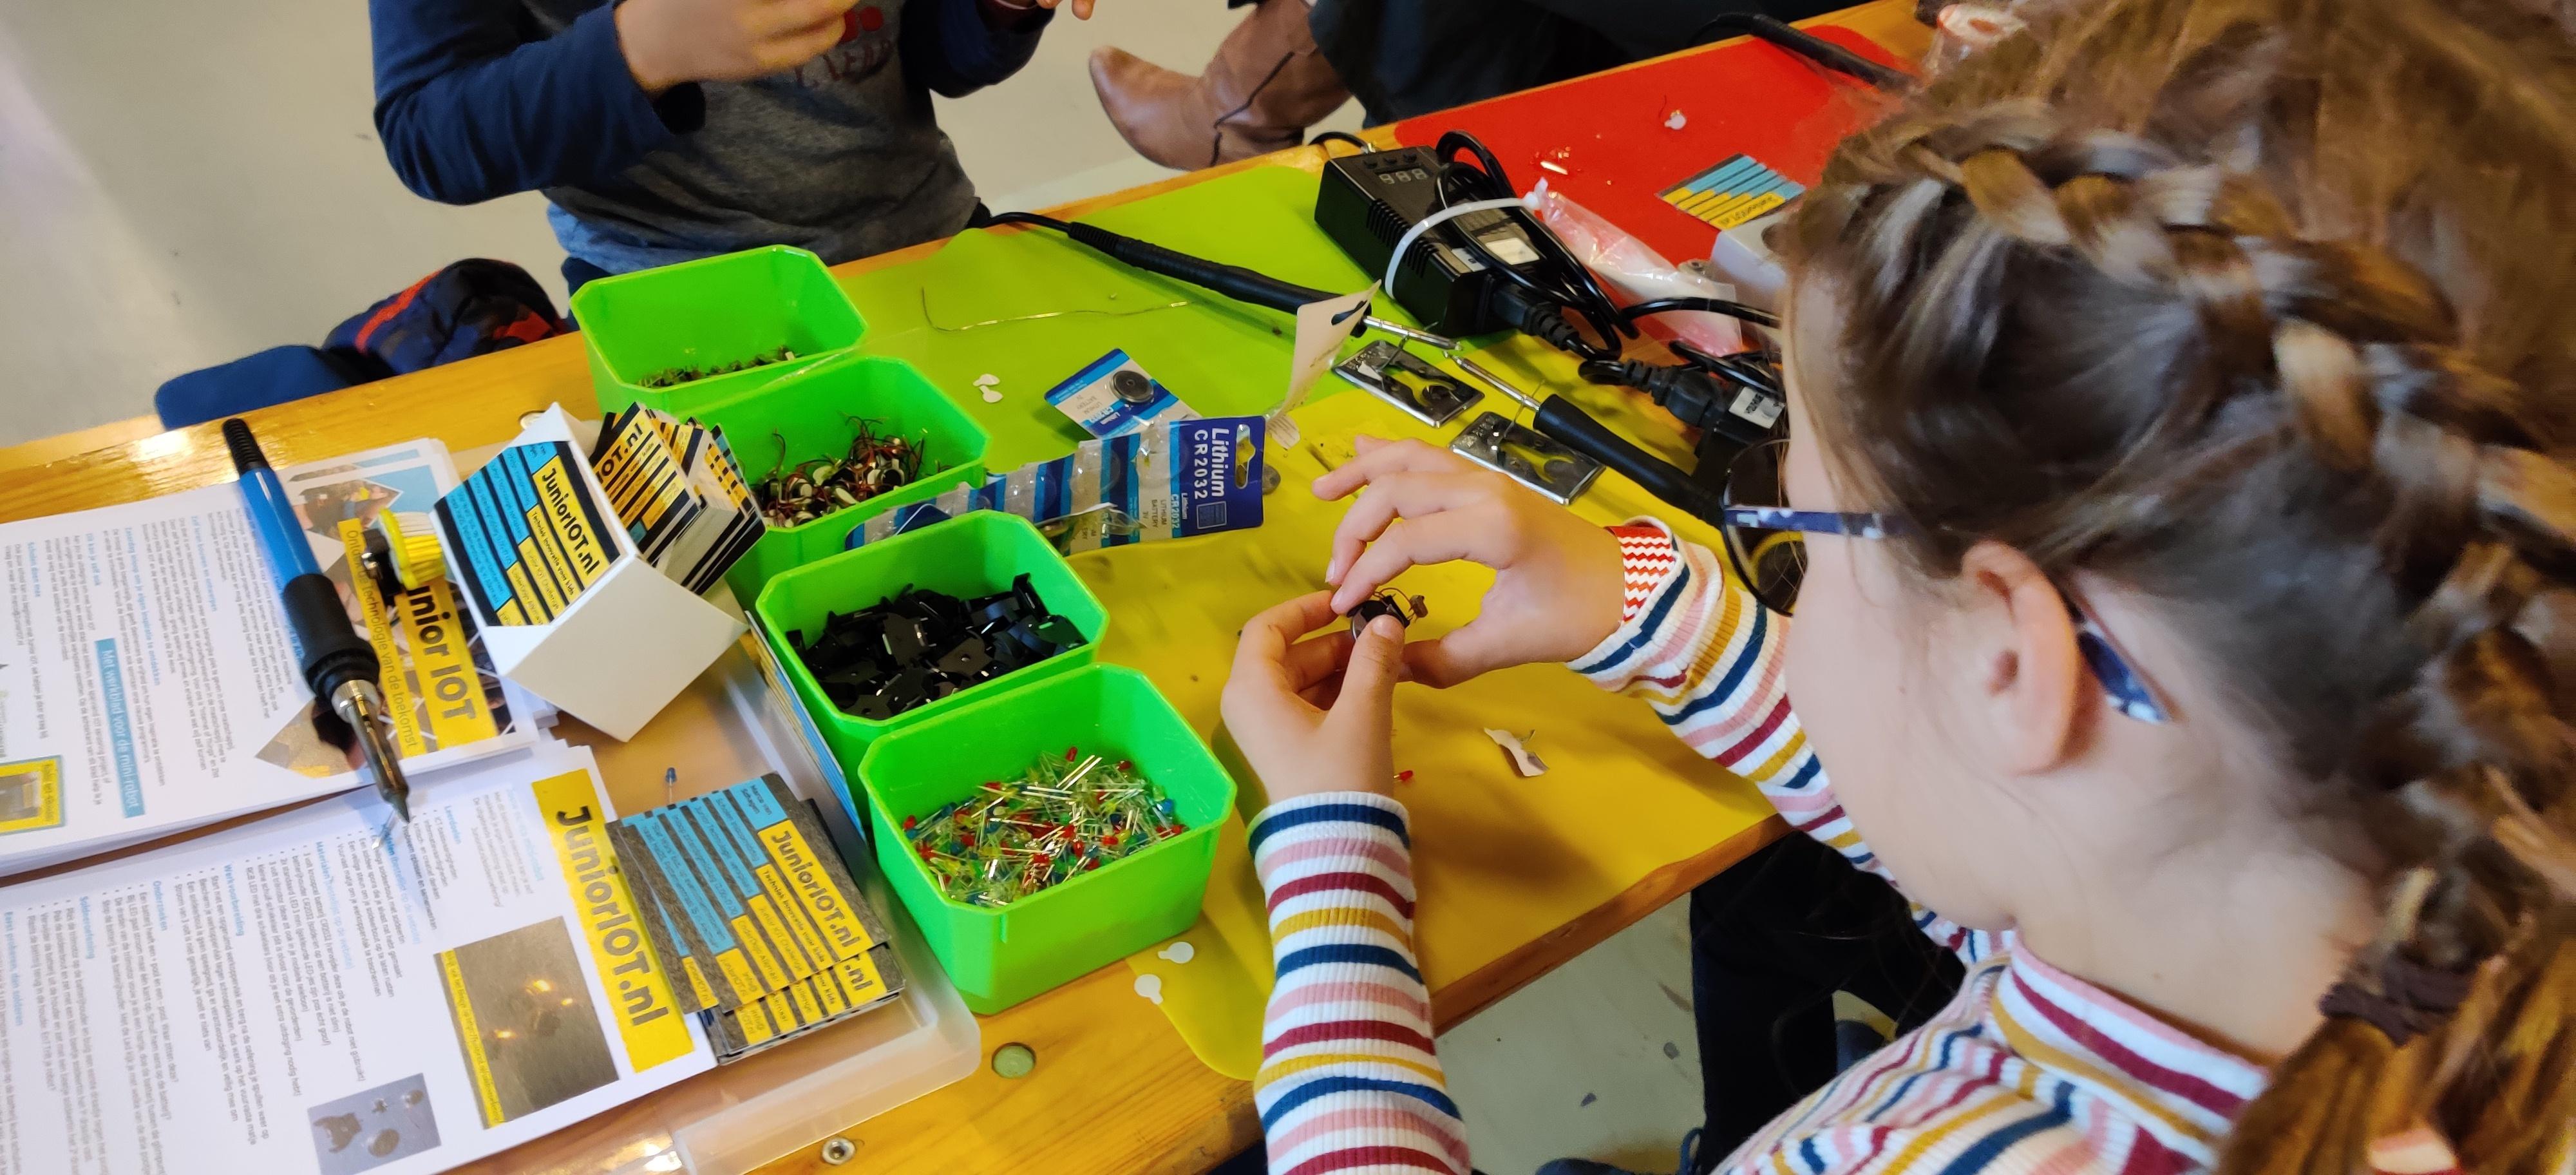 Onderwijs experiment met Junior Innovatie en digitale geletterdheid